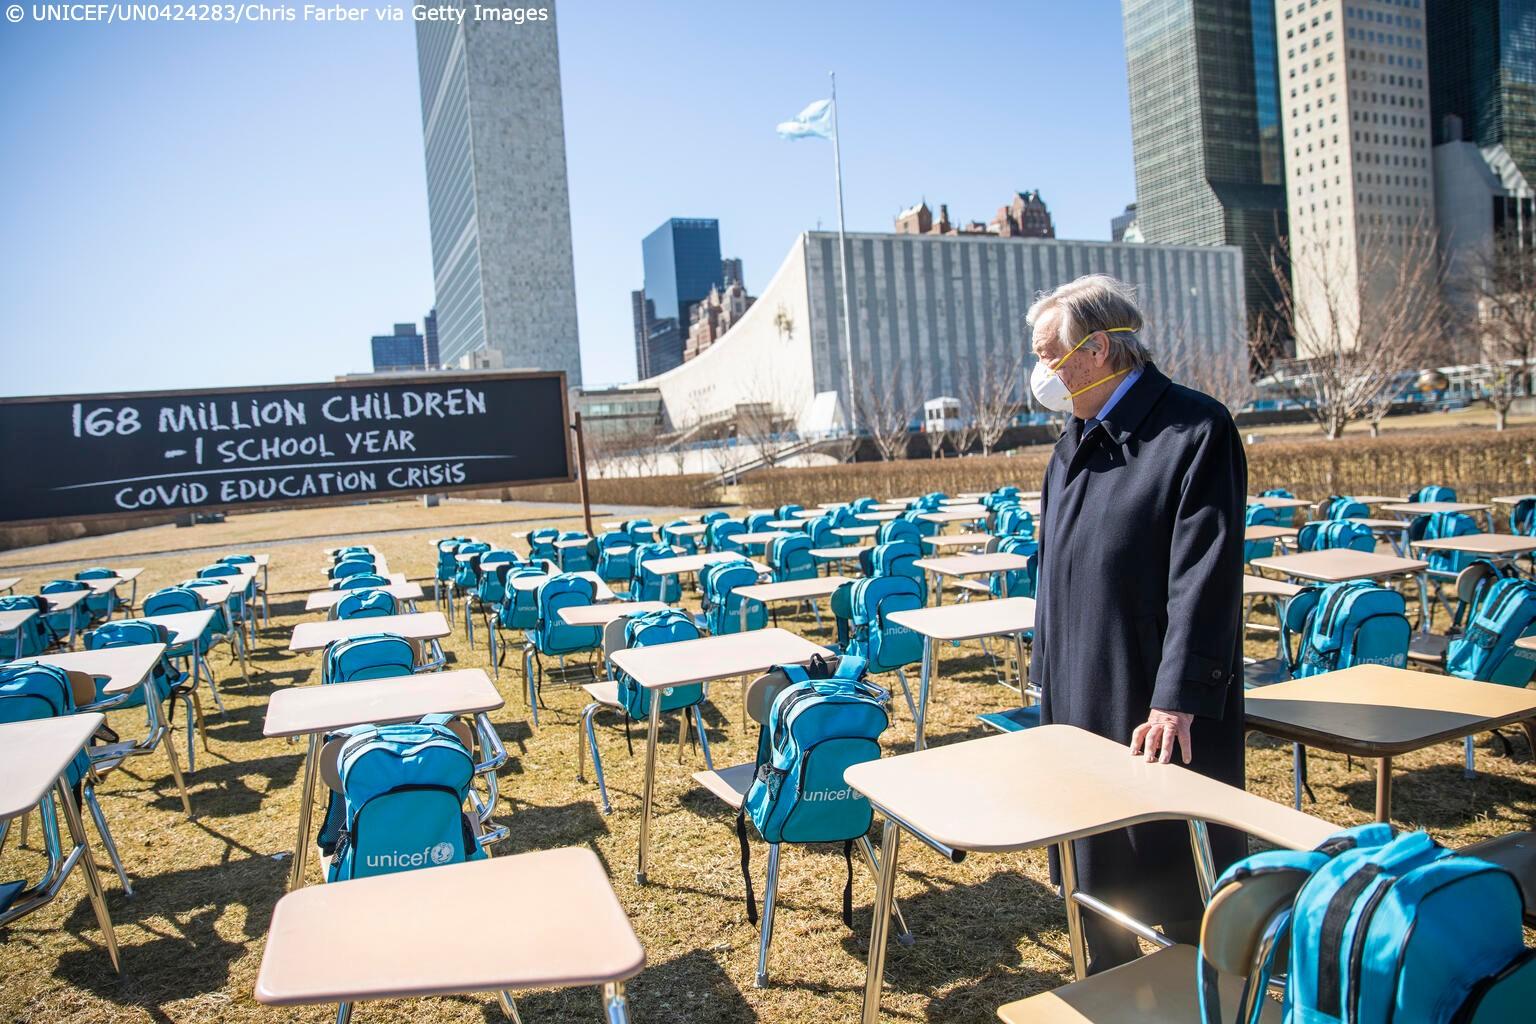 ООН встановила інсталяцію з 168 порожніх парт